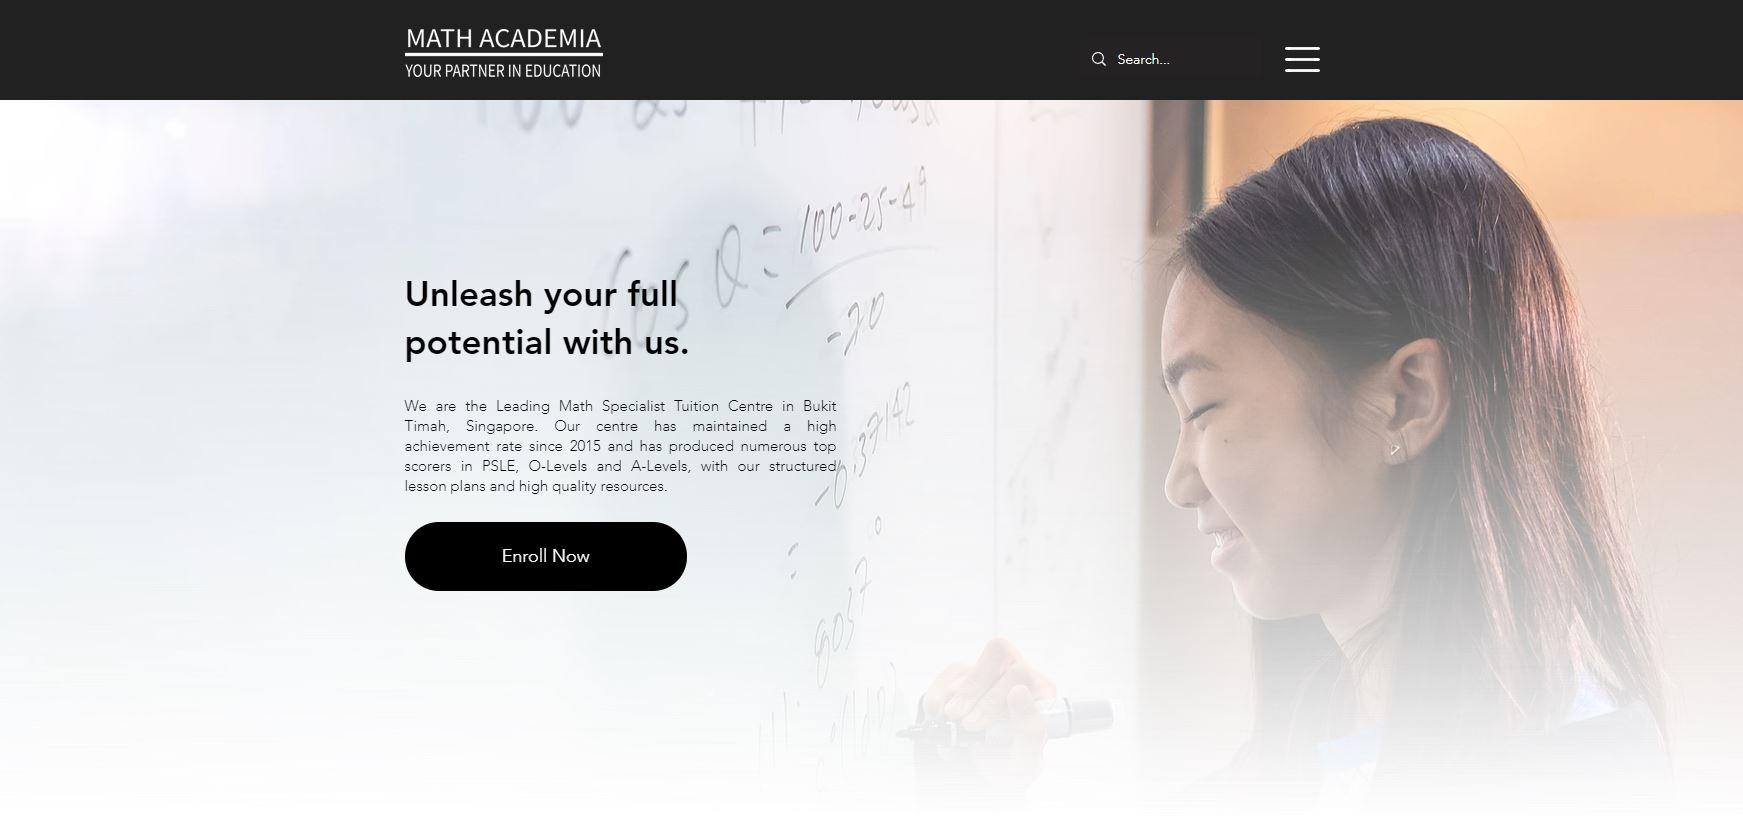 Math-Academia-Maths-Tuition